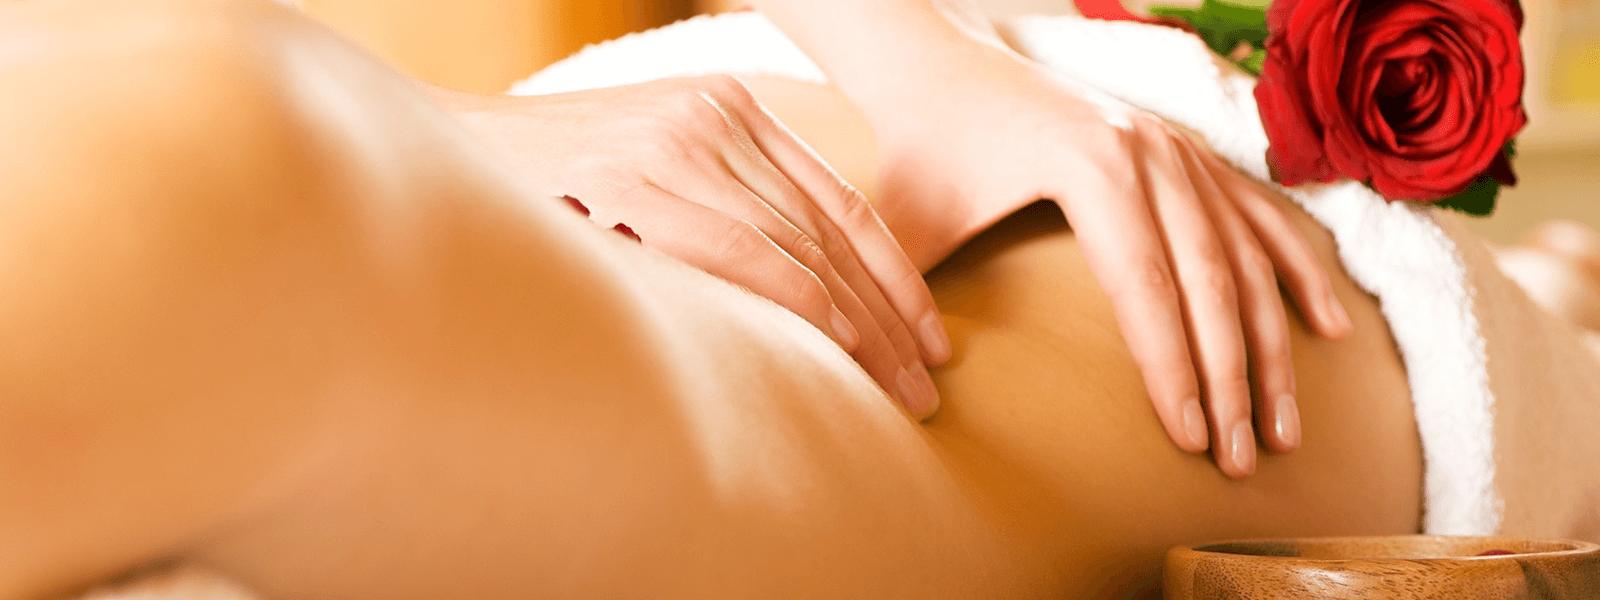 Frau entspannt bei einer Rückenmassage